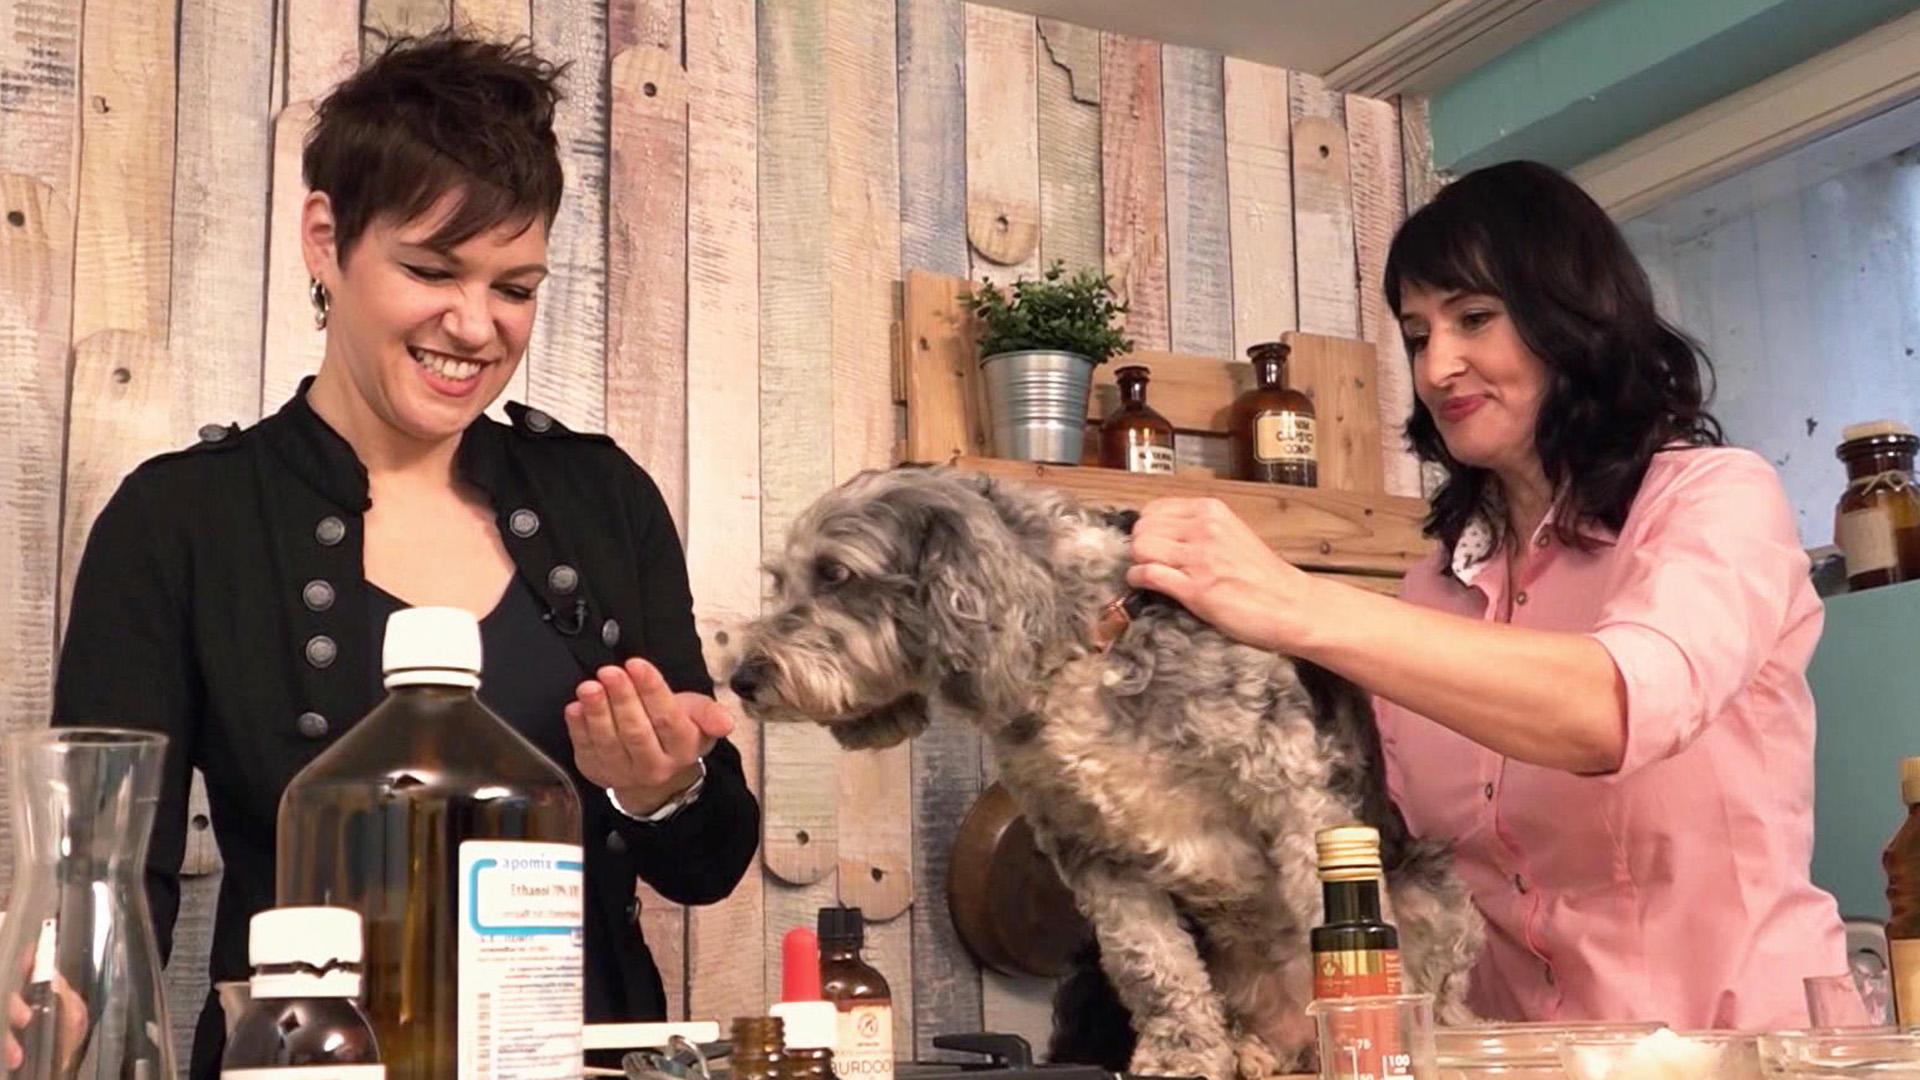 Thema u.a.: Zu Besuch bei Kräuter-und Kosmetikexpertin Melanie Wenzel